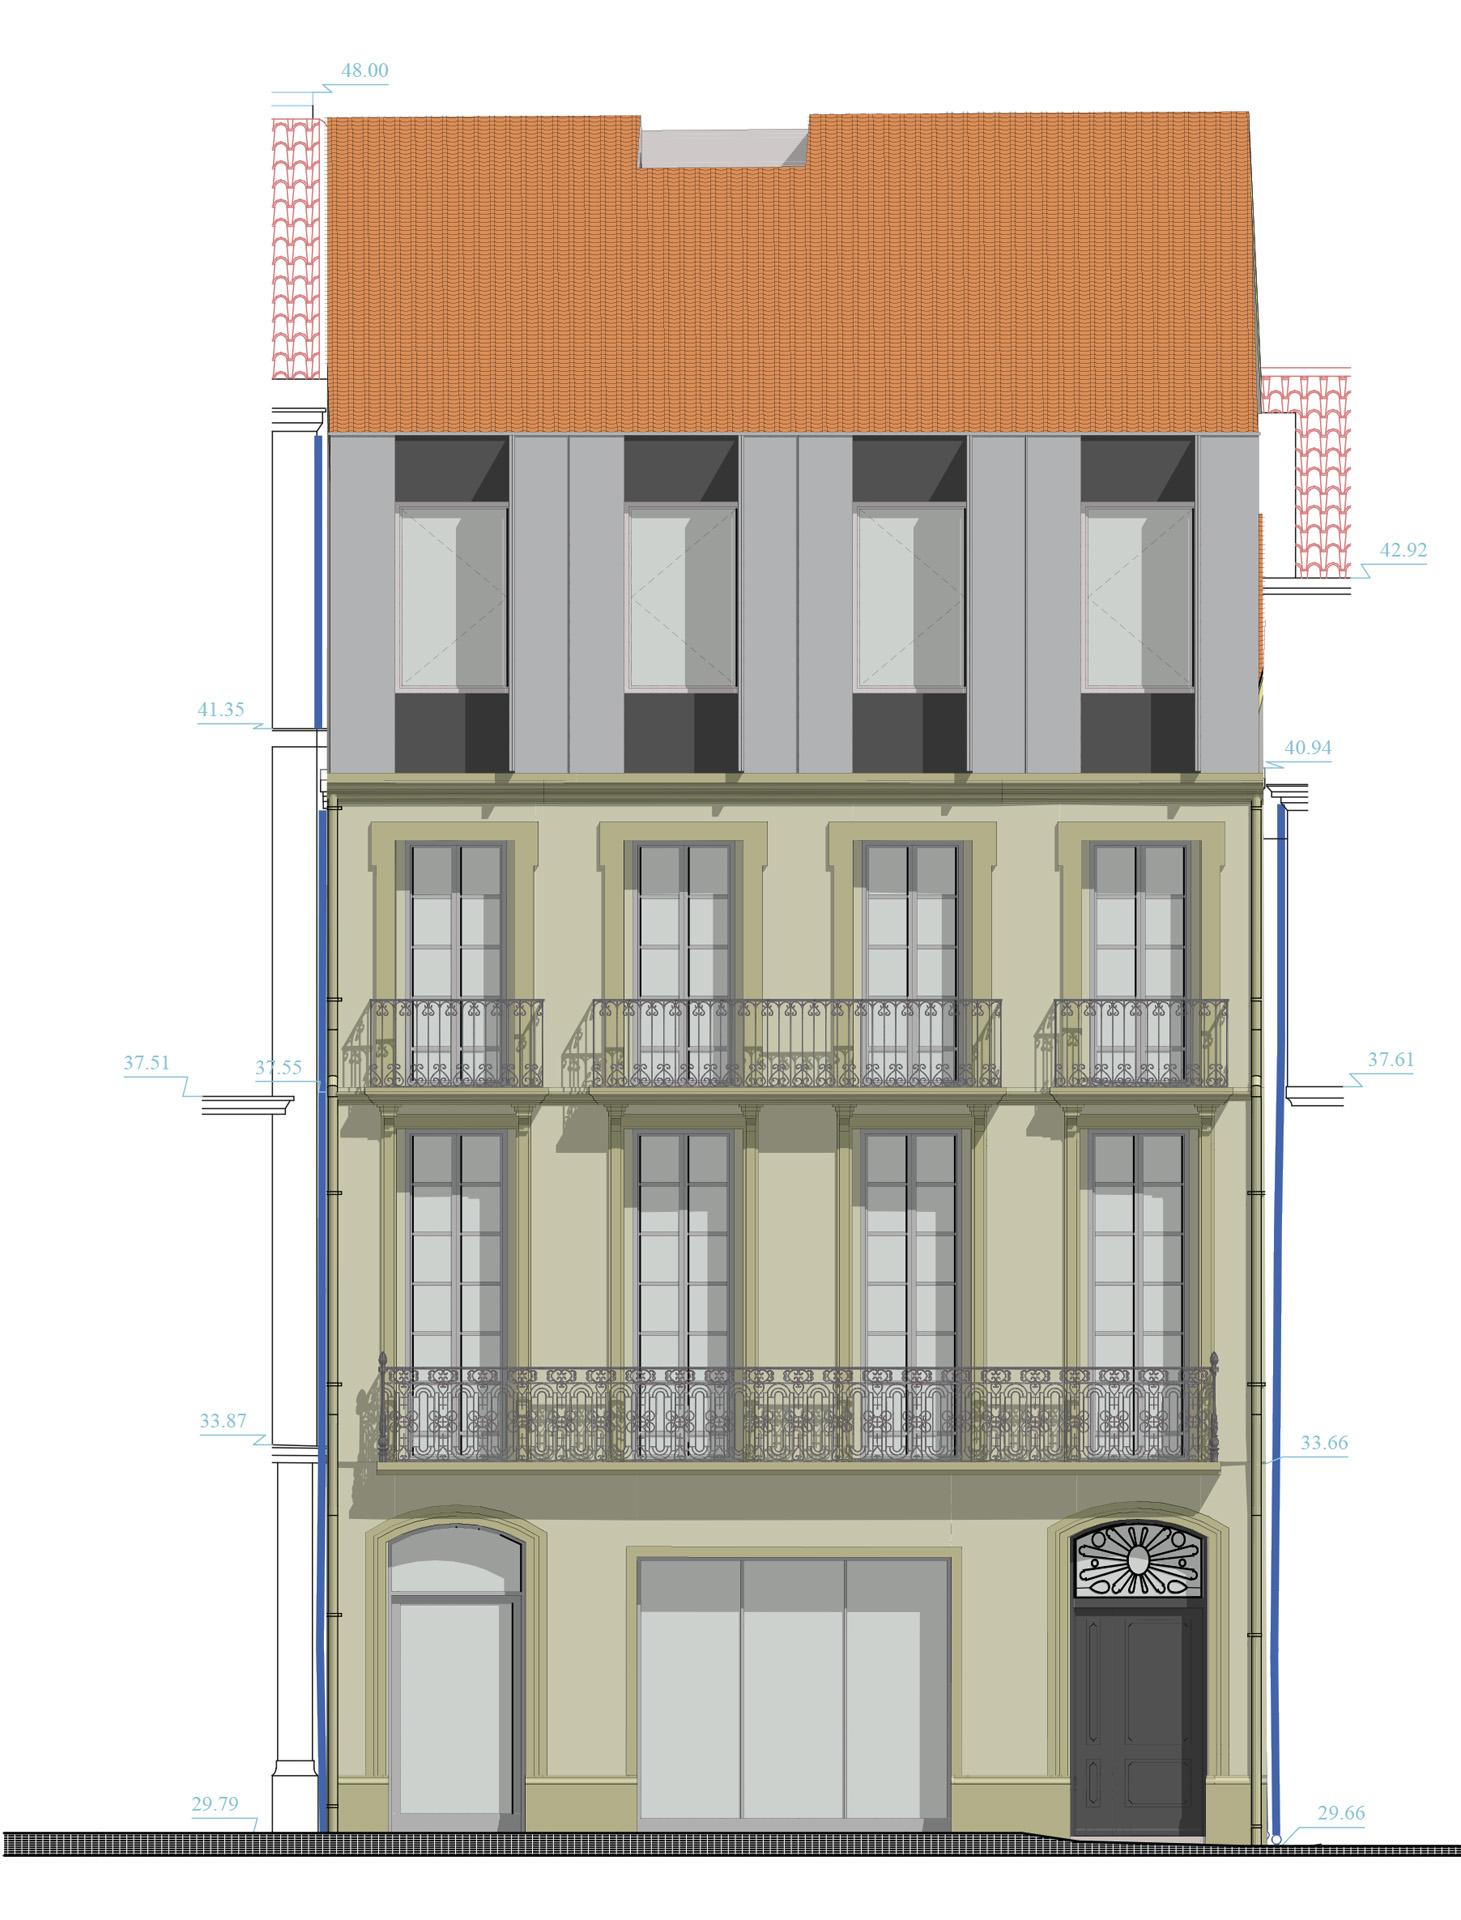 immeuble bd jeu de paume lhenry architecture. Black Bedroom Furniture Sets. Home Design Ideas